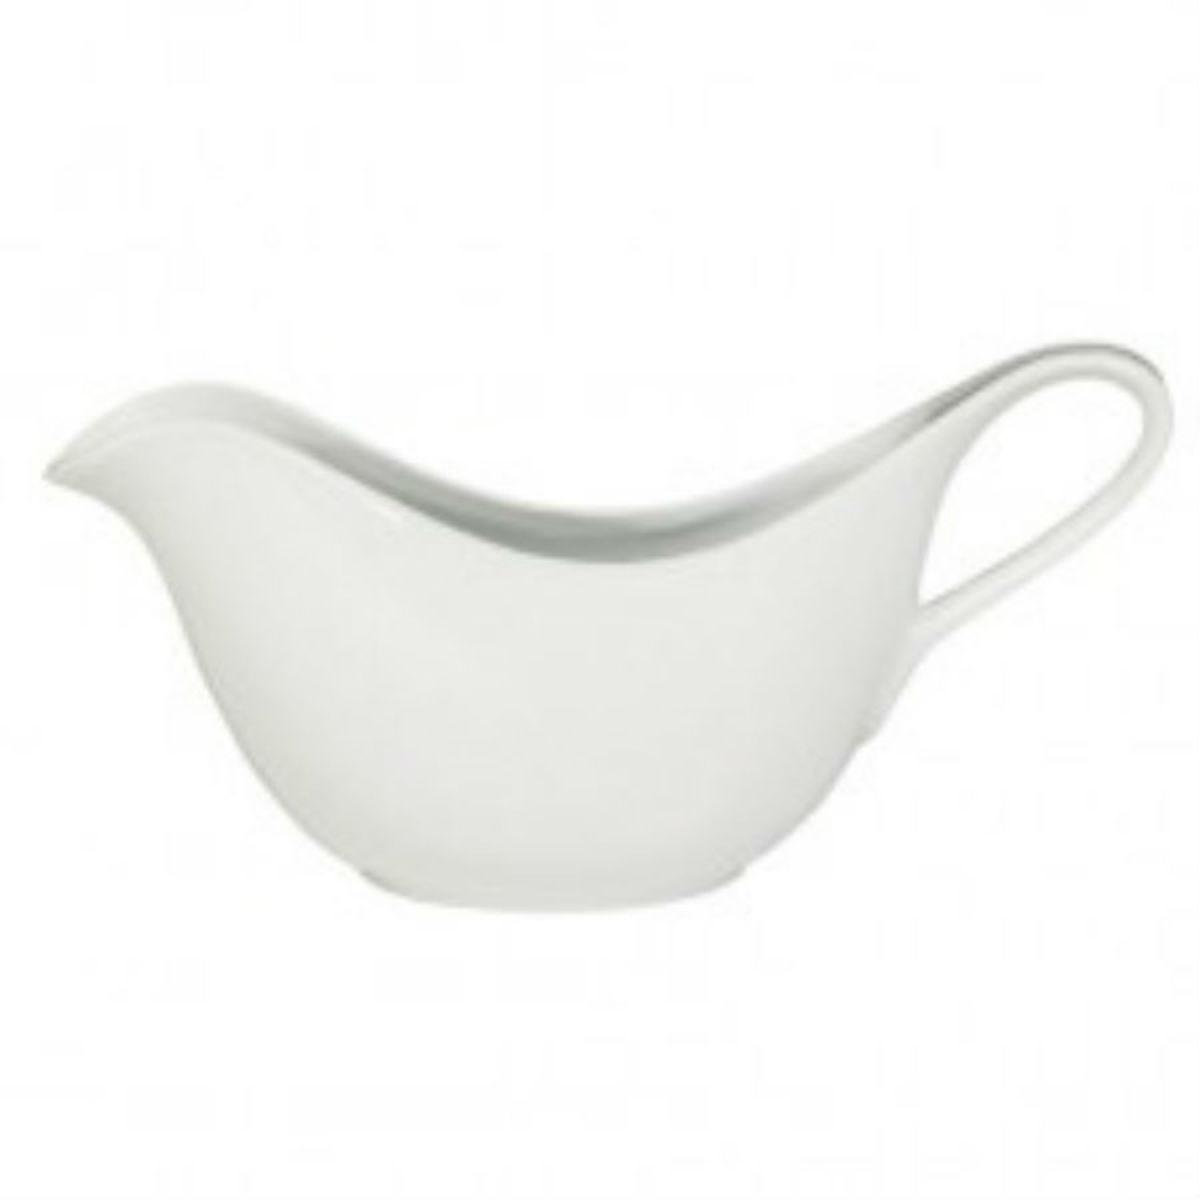 Robert Dyas White Porcelain Gravy Boat